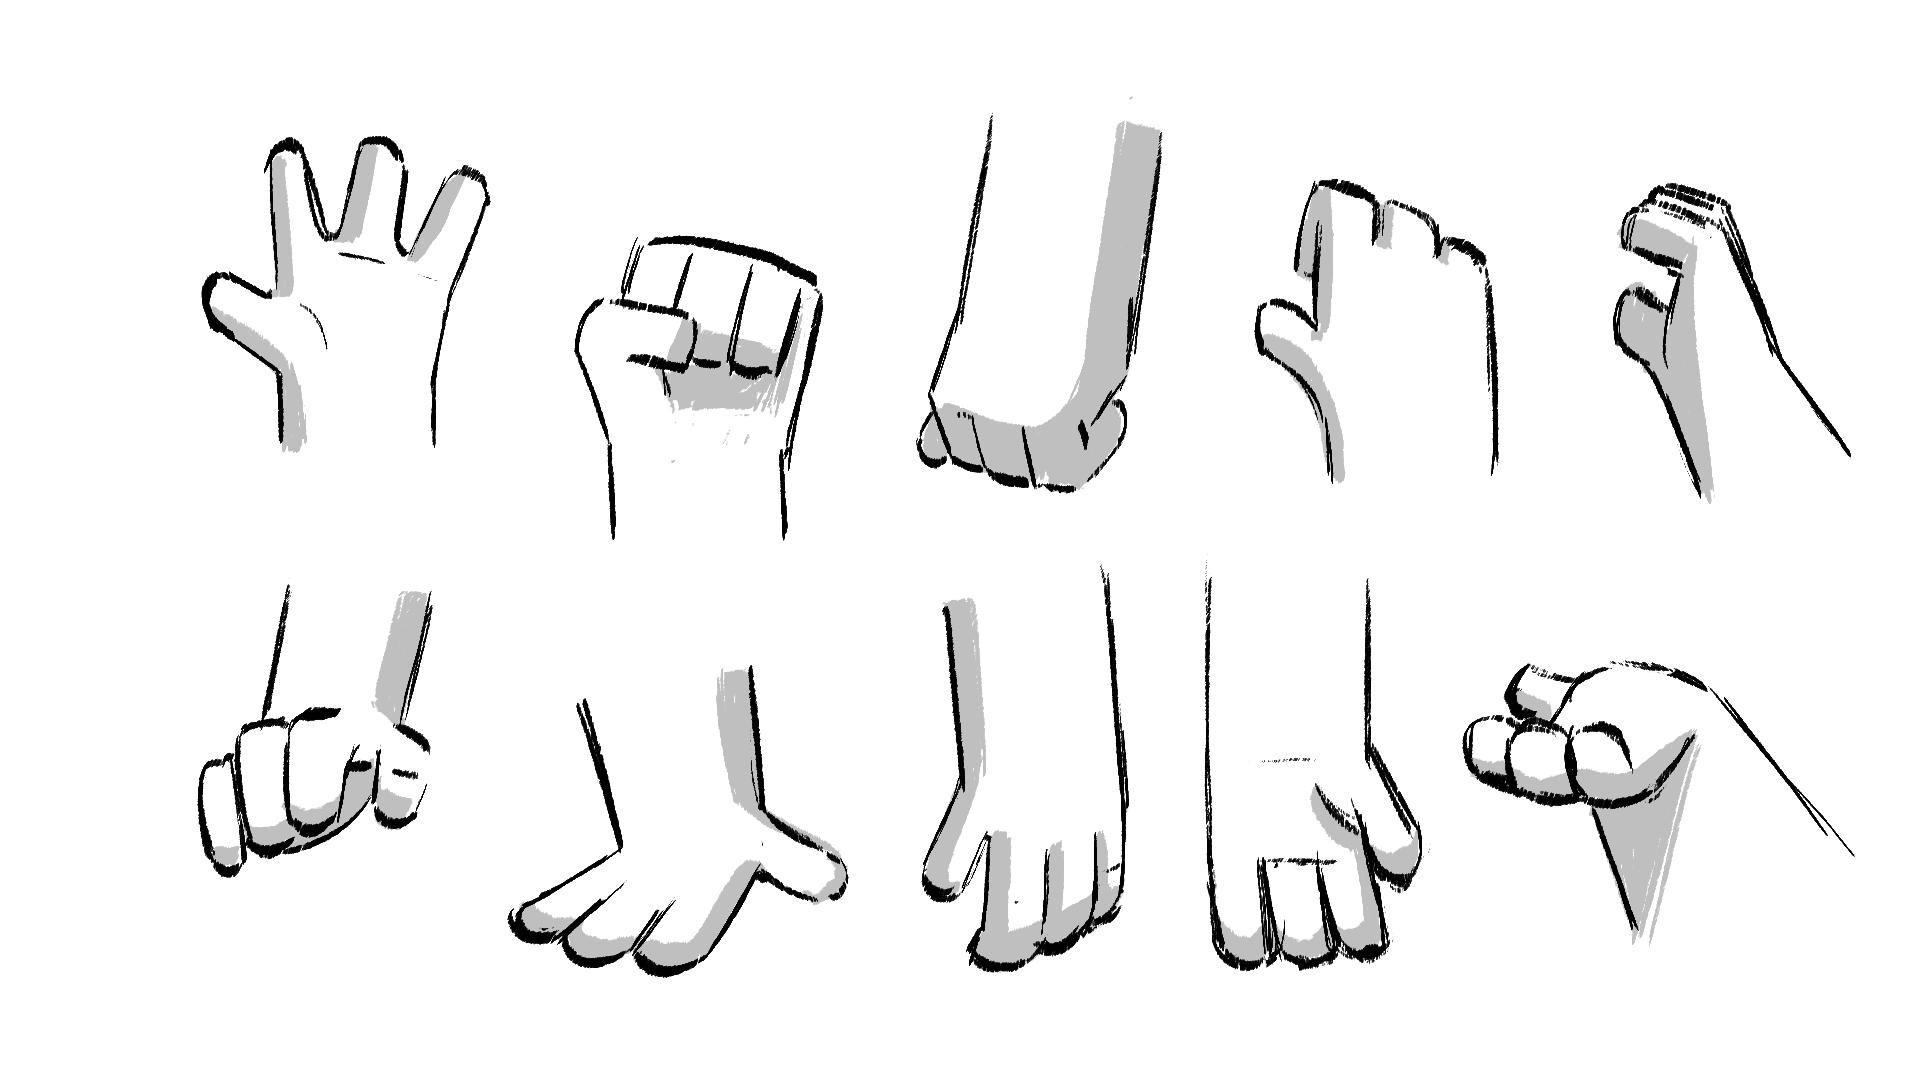 theOffering_hands_v001_sl.jpg